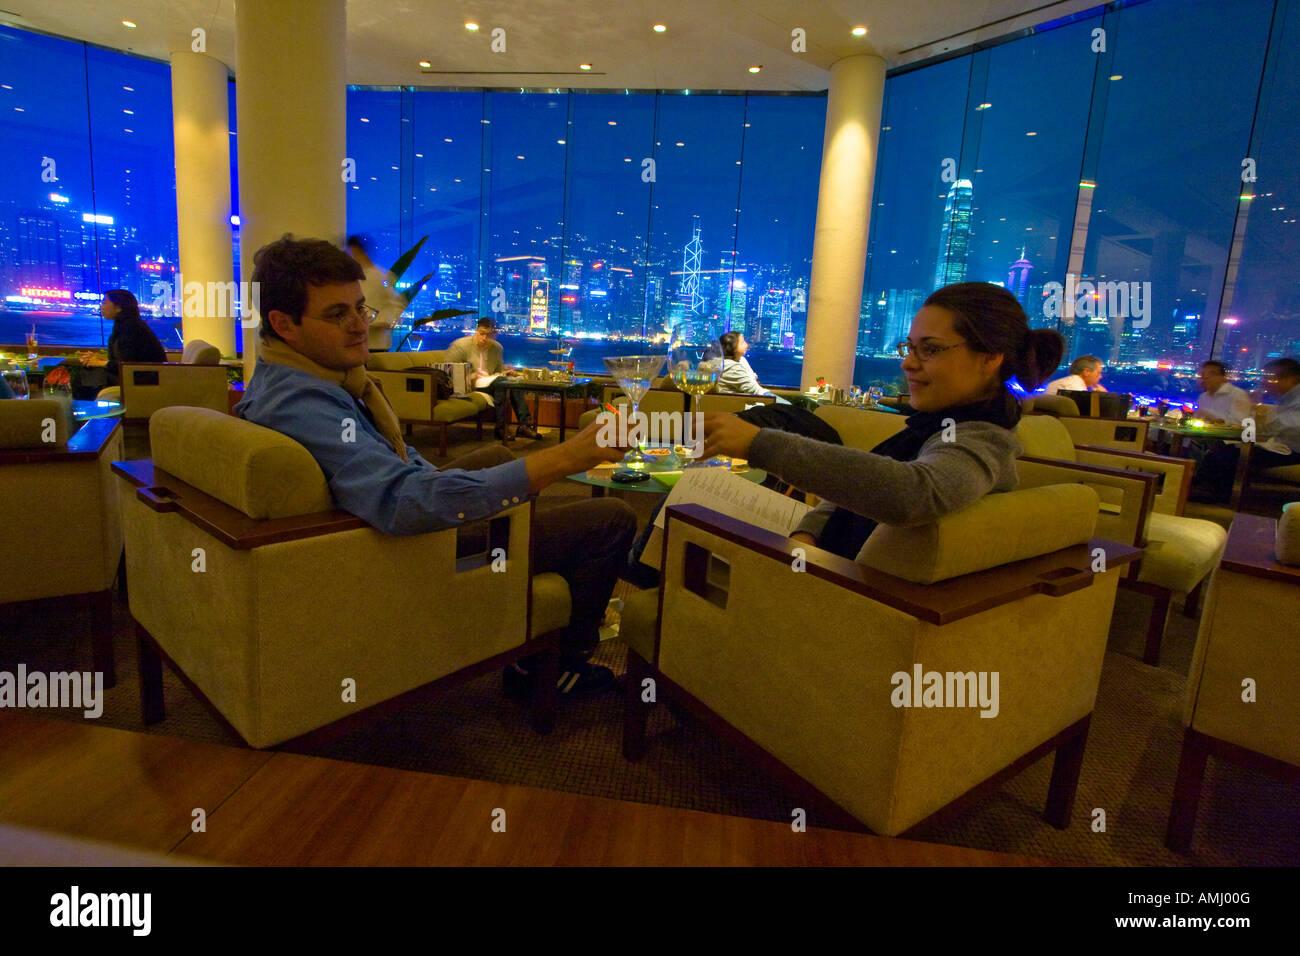 Toasting at he Lobby Lounge Bar at the Intercontinental Hotel Hong Kong - Stock Image